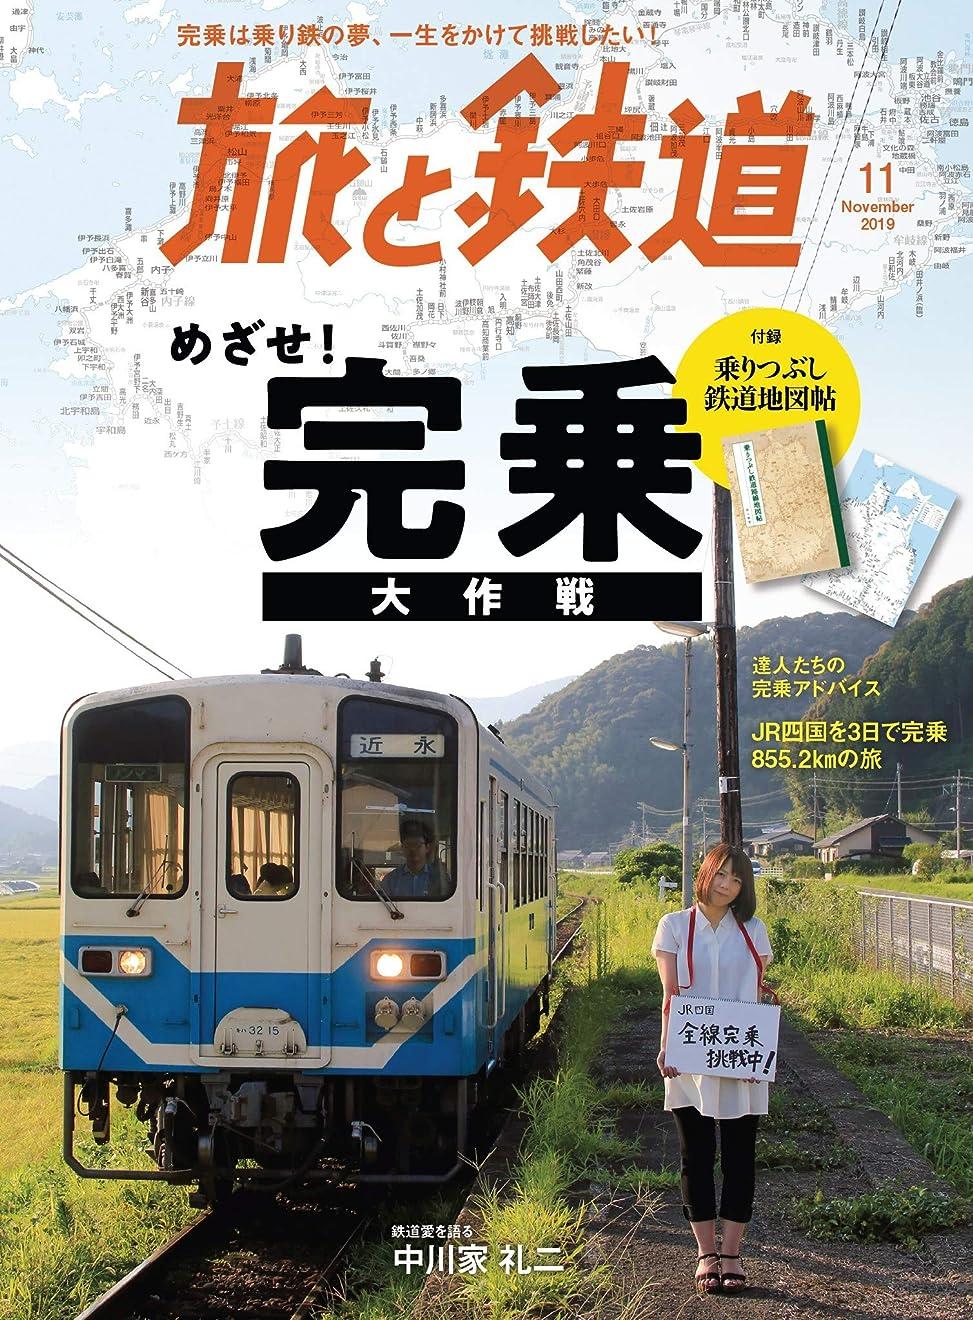 置き場ジャンル絶縁する旅と鉄道 2019年11月号 鉄道完乗大作戦 [雑誌]